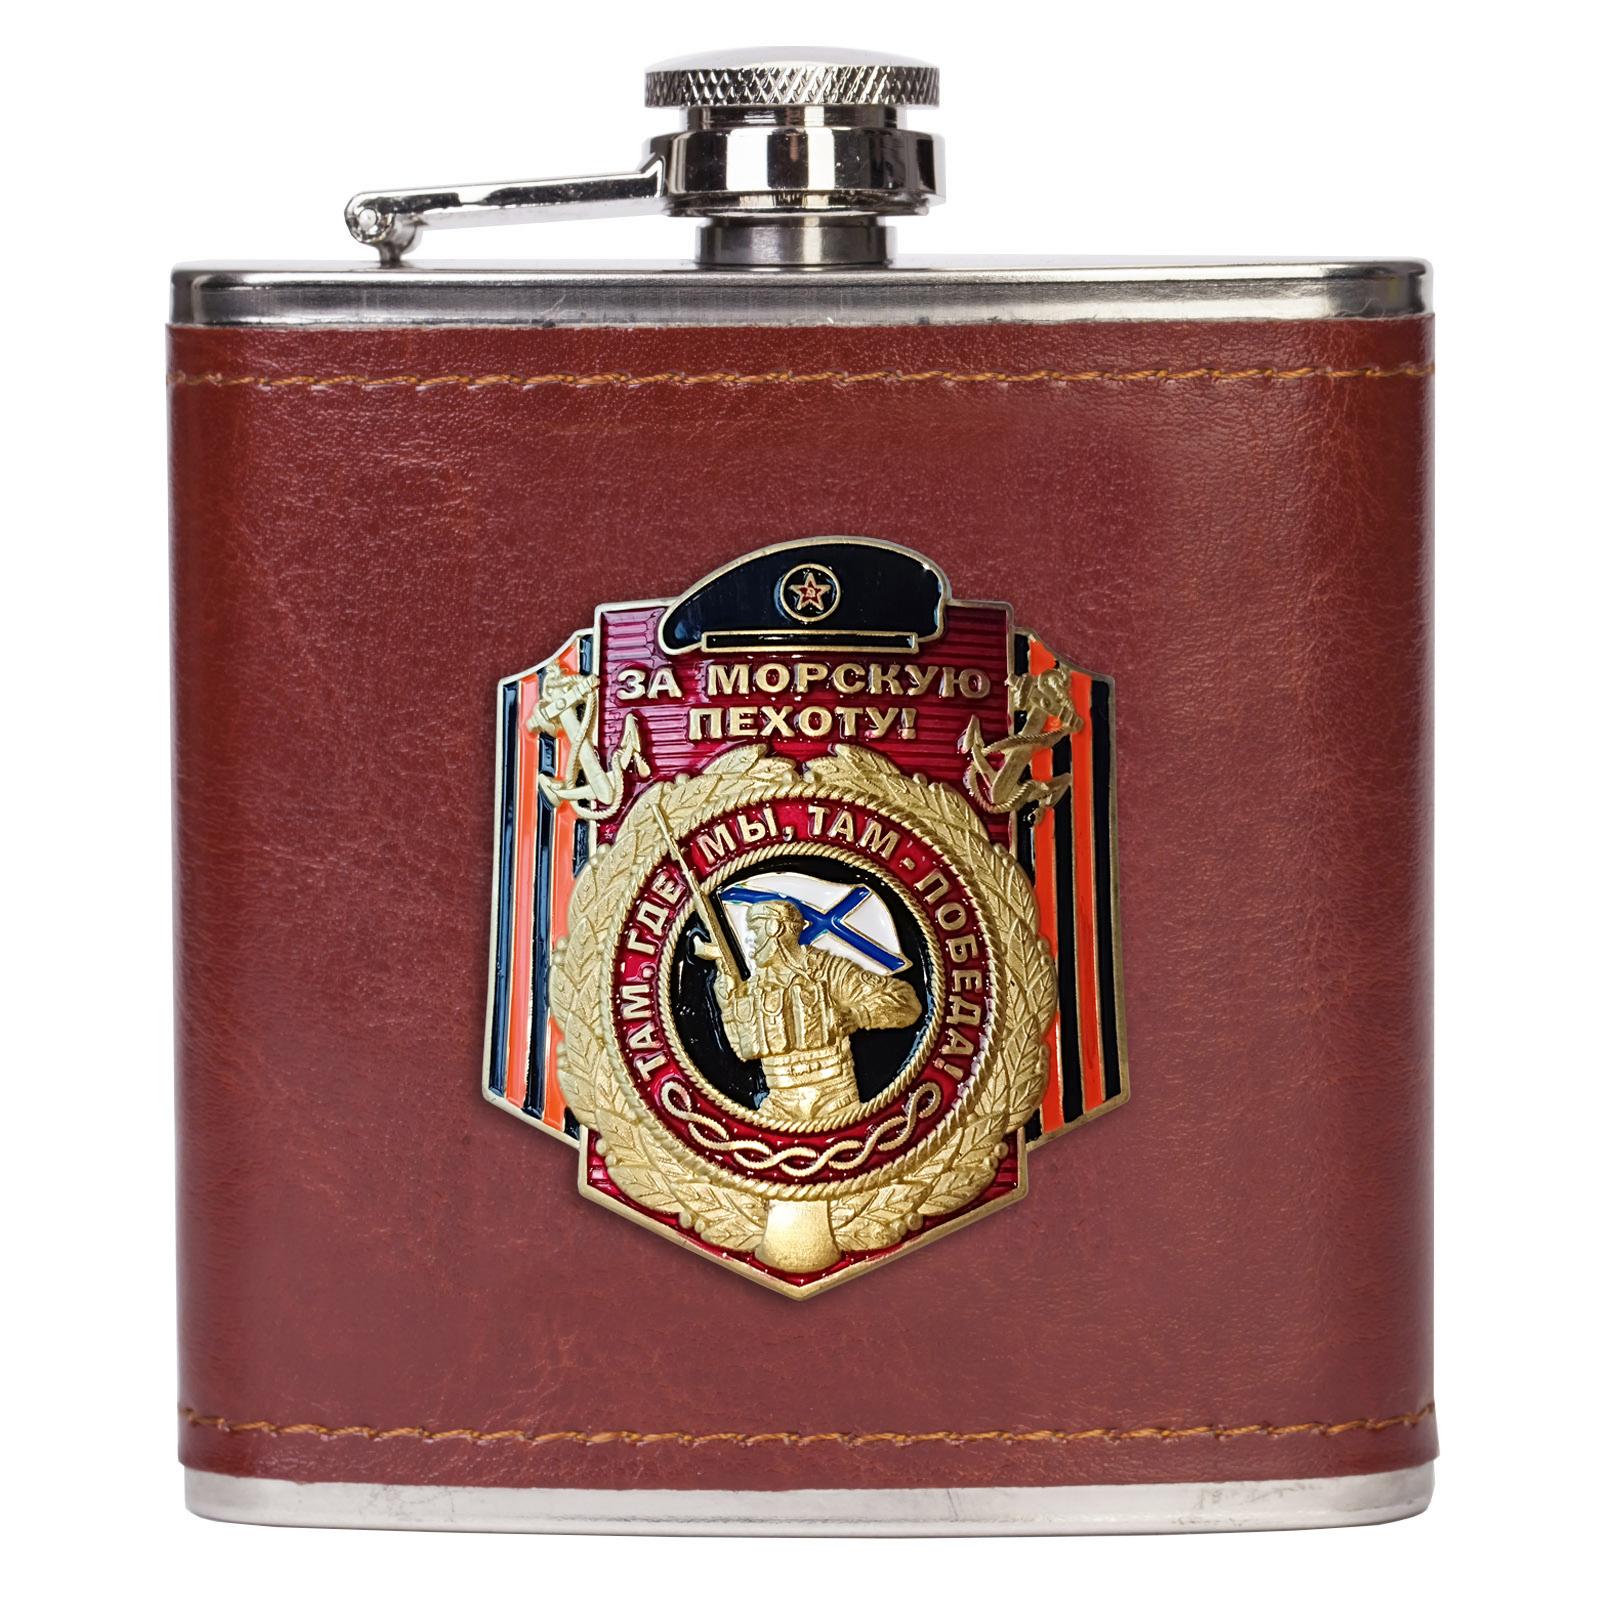 Фляжка для спиртных напитков «За Морскую Пехоту».